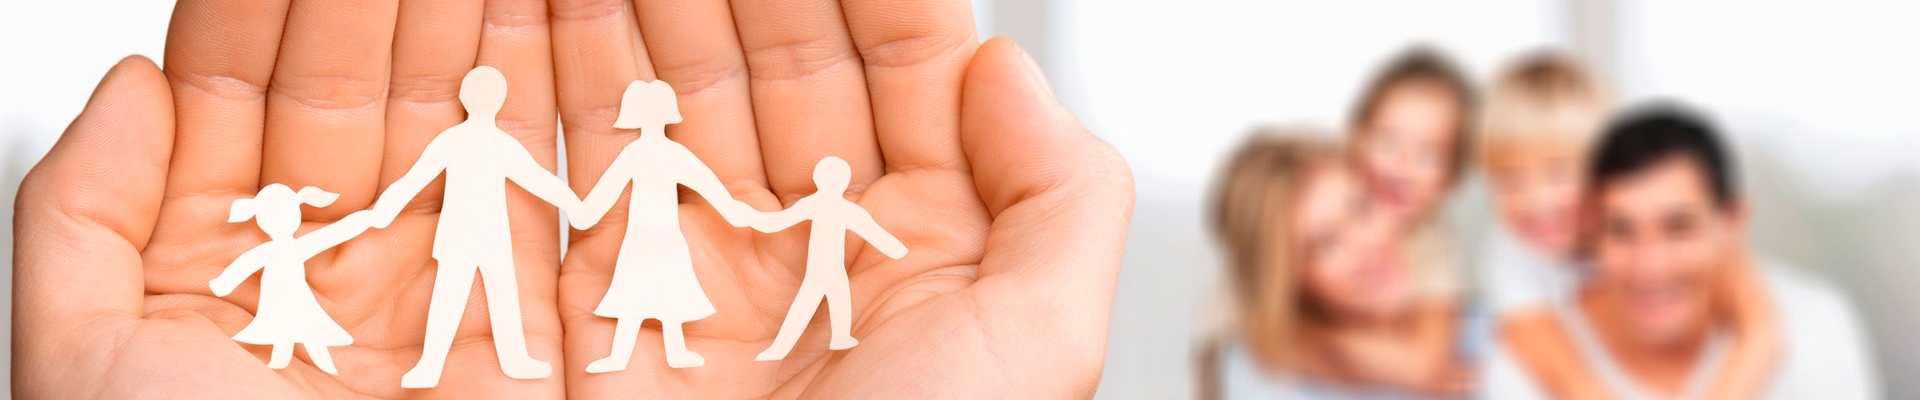 Министерство финансов перечислило деньги на выплаты семьям с детьми в ПФР